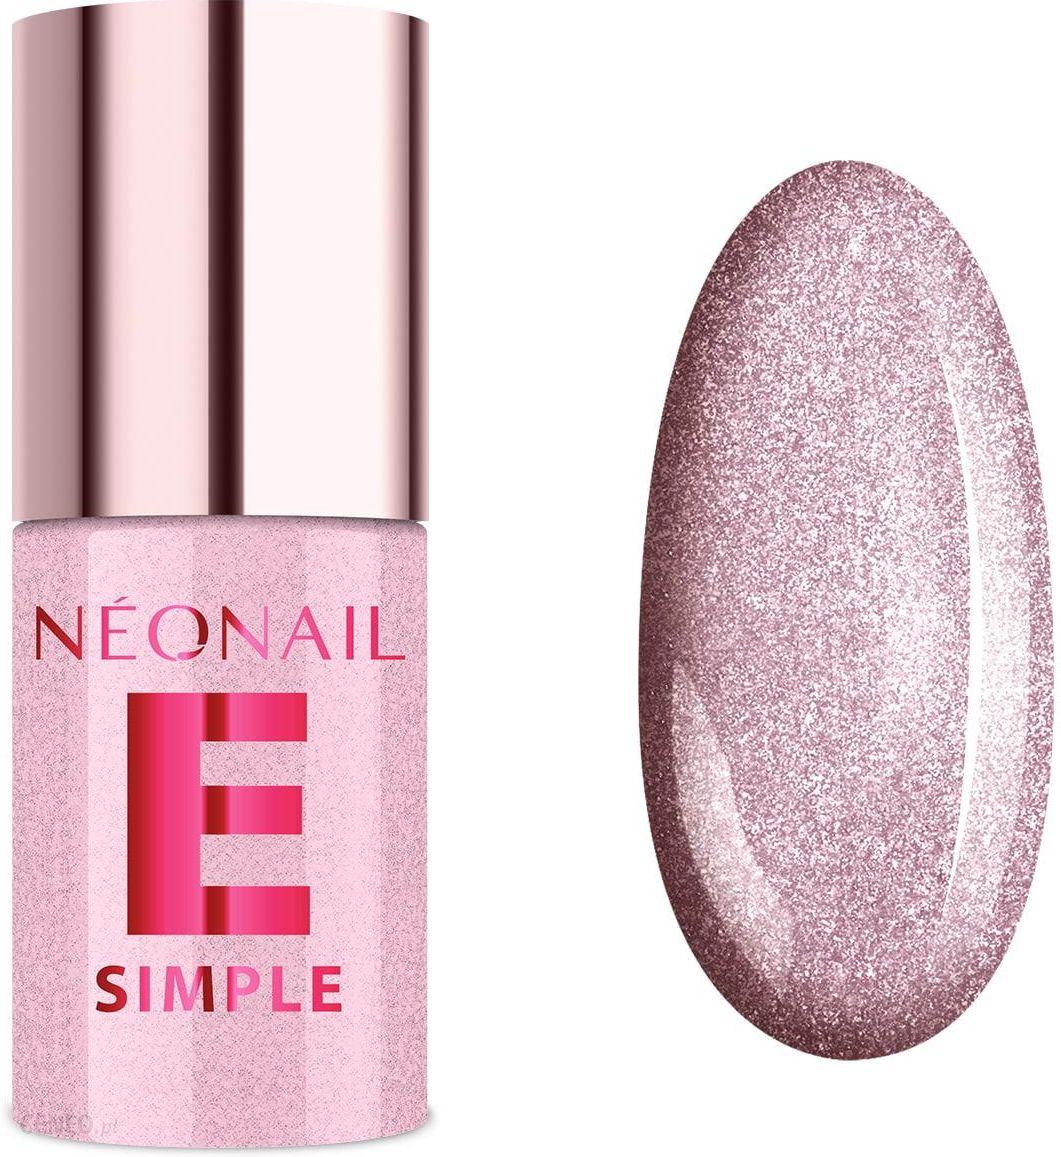 Neonail 3w1 Lakier Hybrydowy SIMPLE BLINKY 7,2ml